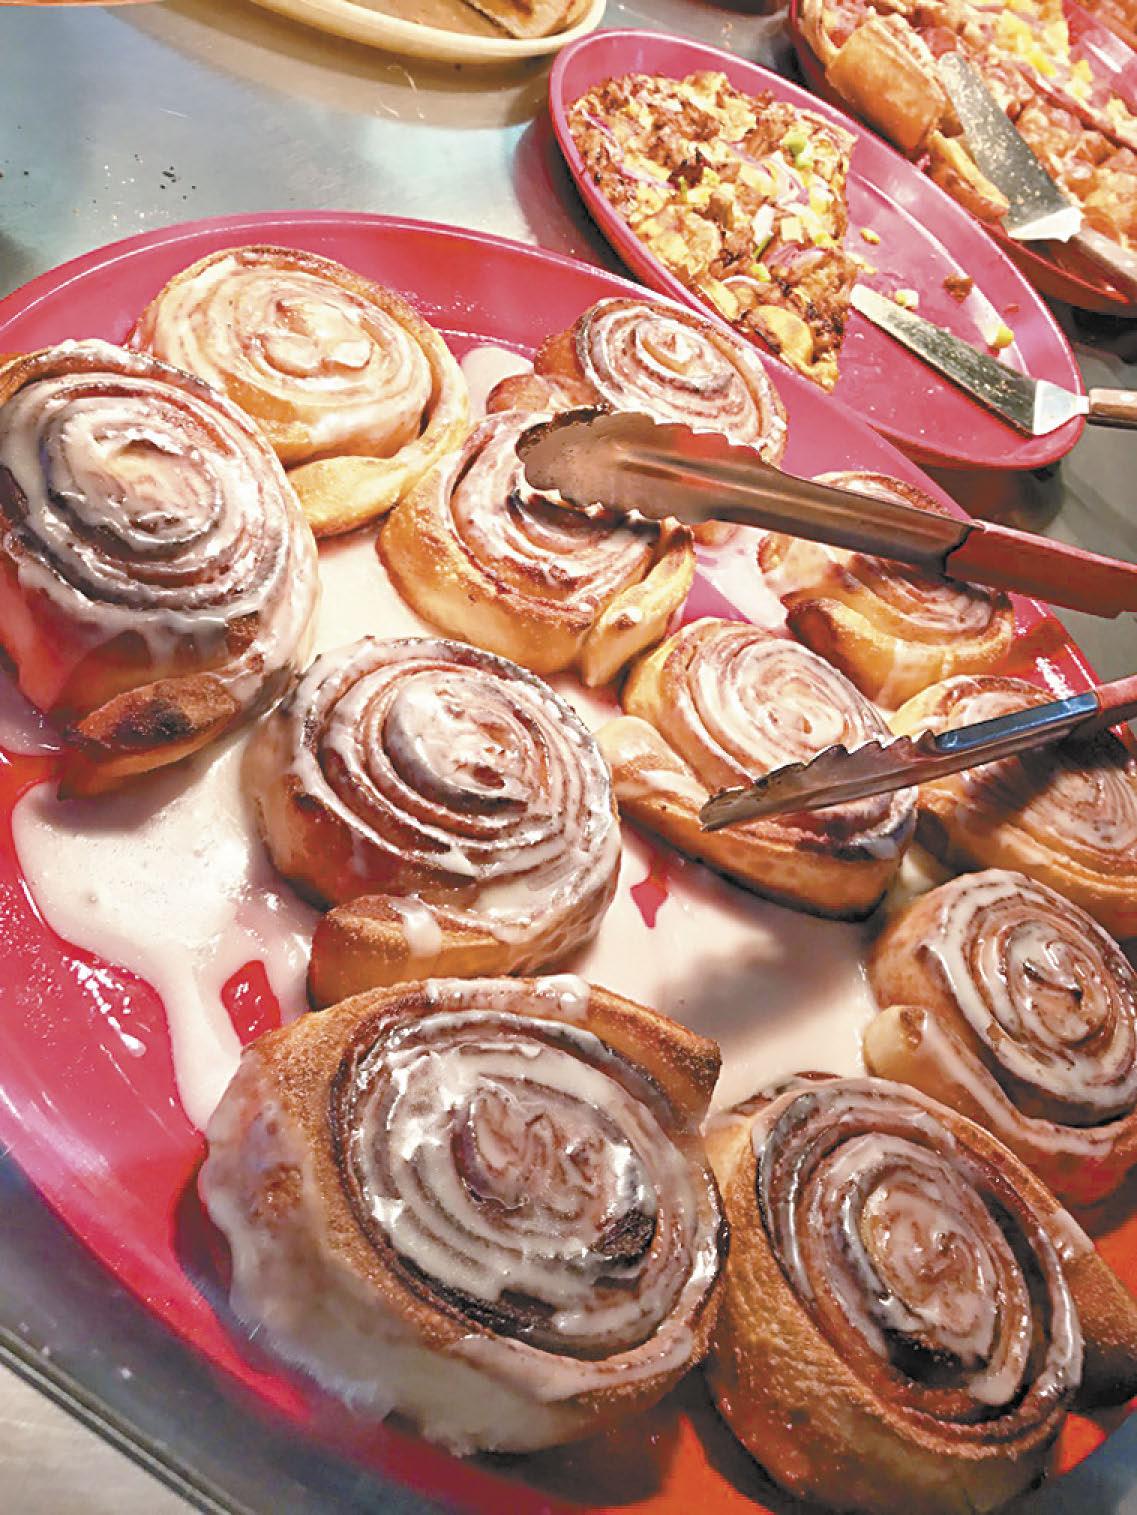 淋上大量糖霜的肉桂卷,堪稱是美式甜食中獨具風味的要角,雖不若製作方式簡單的甜甜圈那般普及,但扎實的口感與特殊的香甜風味總是會讓人看到時口水直流。